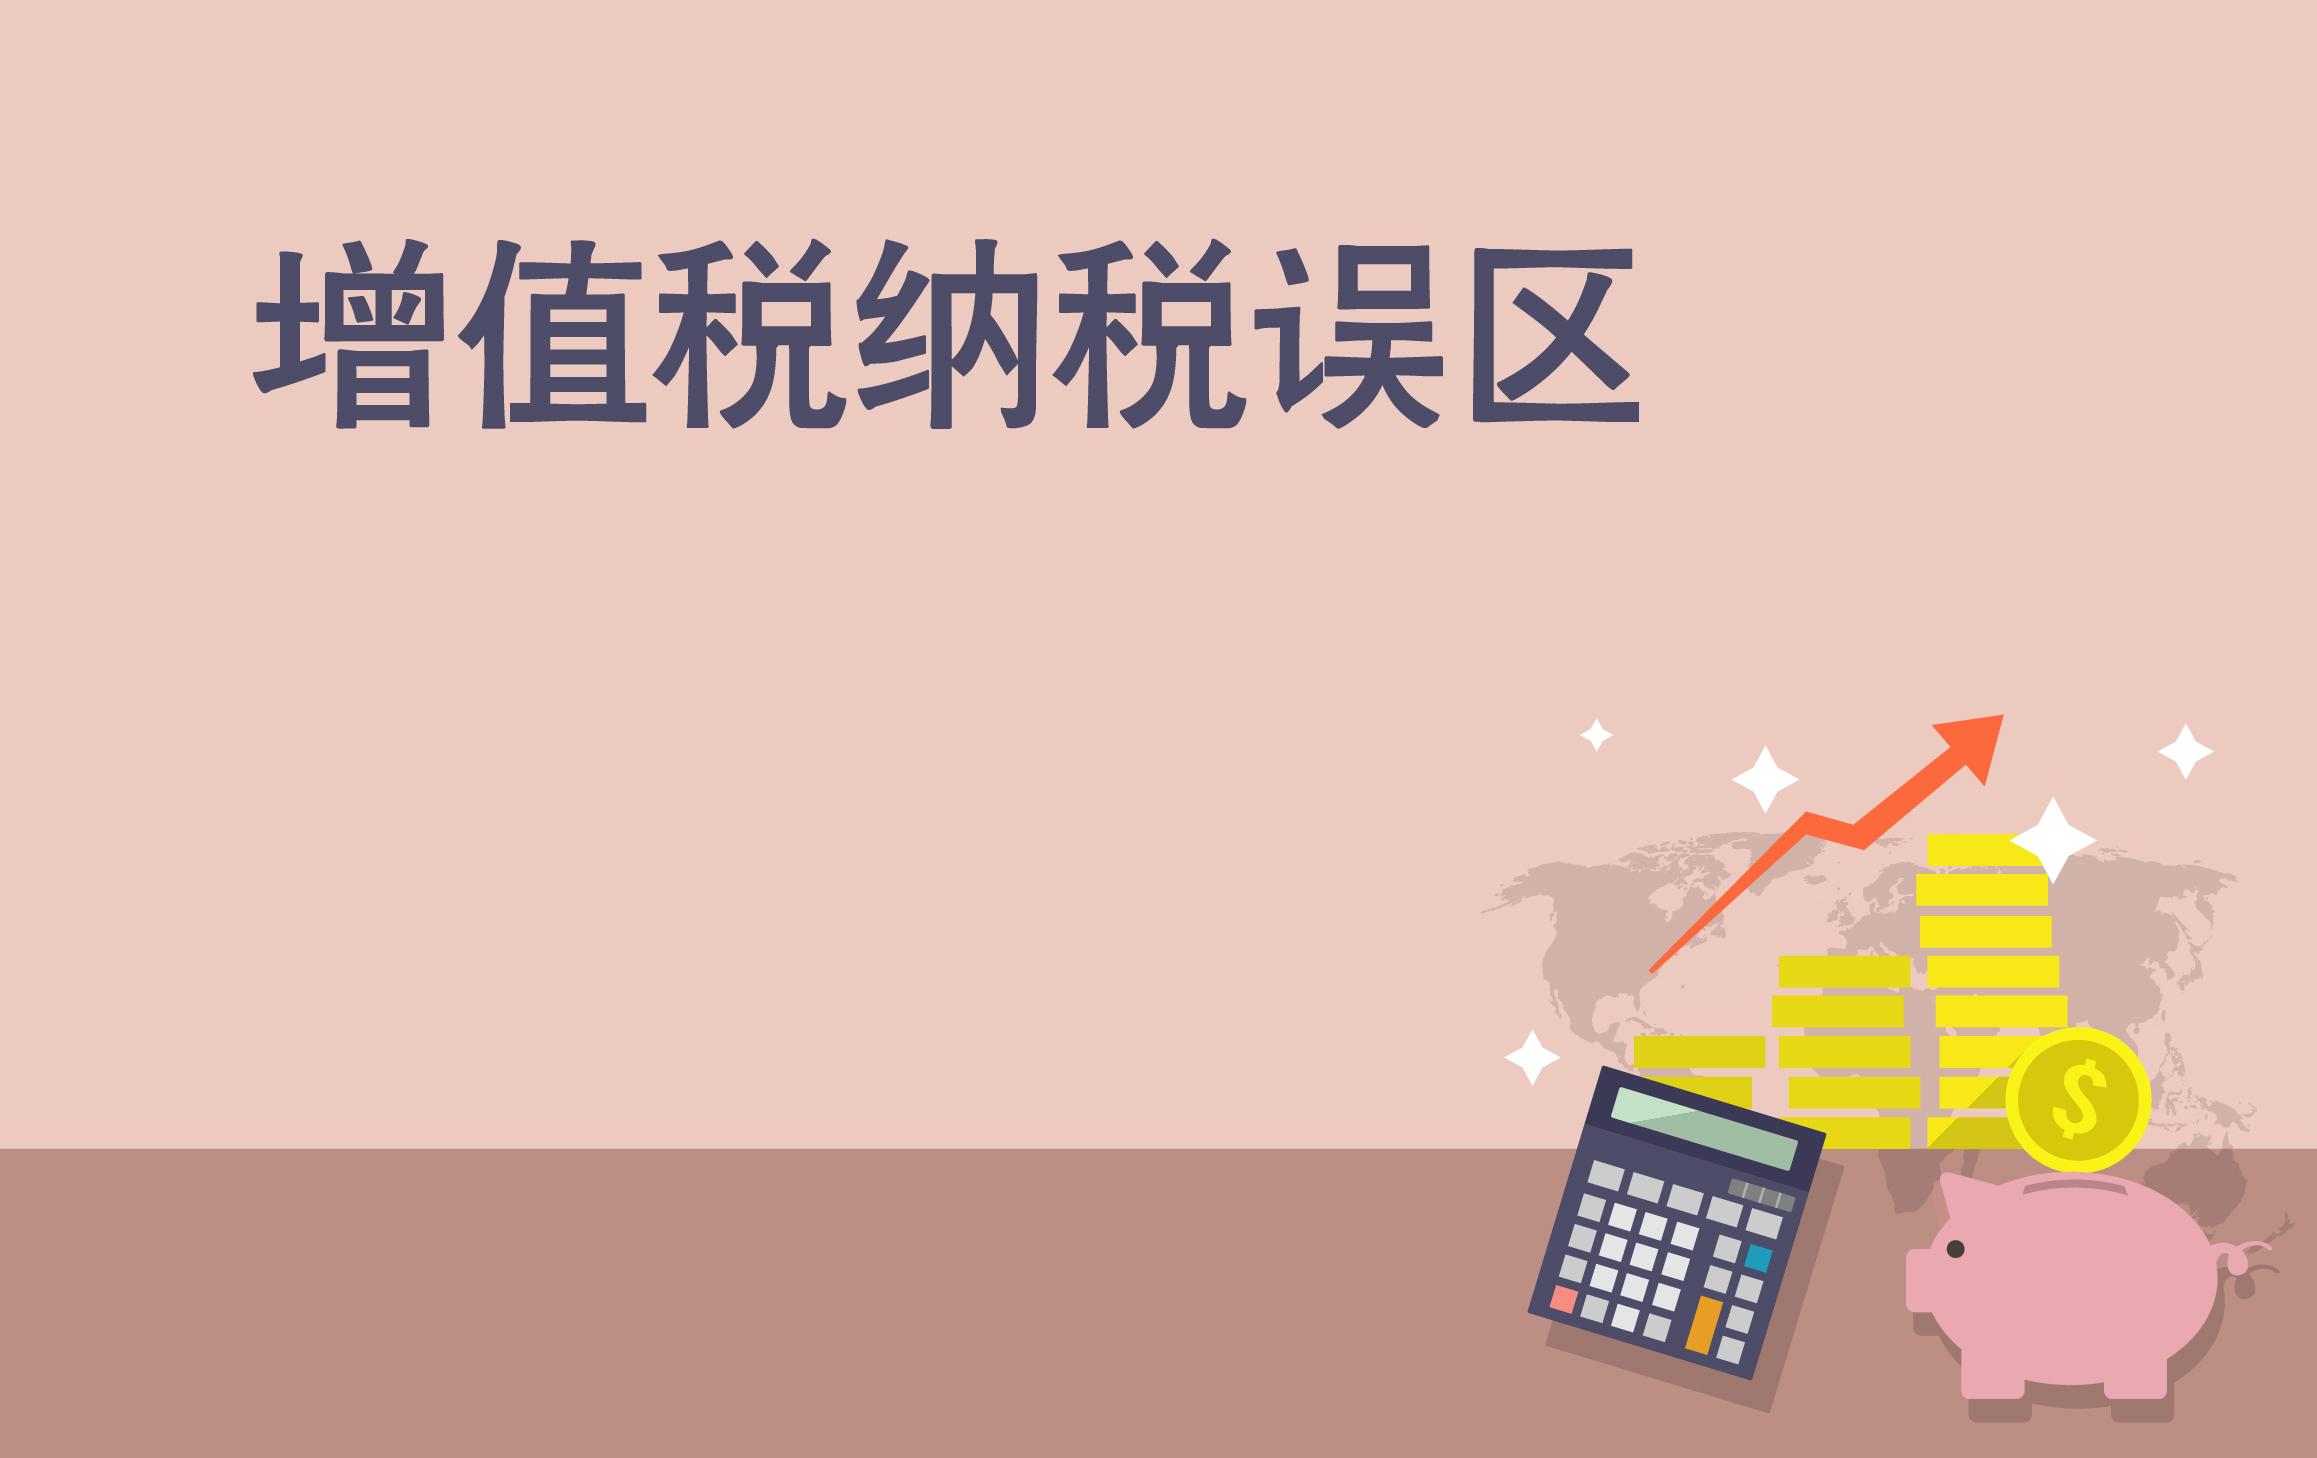 企業增值稅常見納稅誤區精解 I